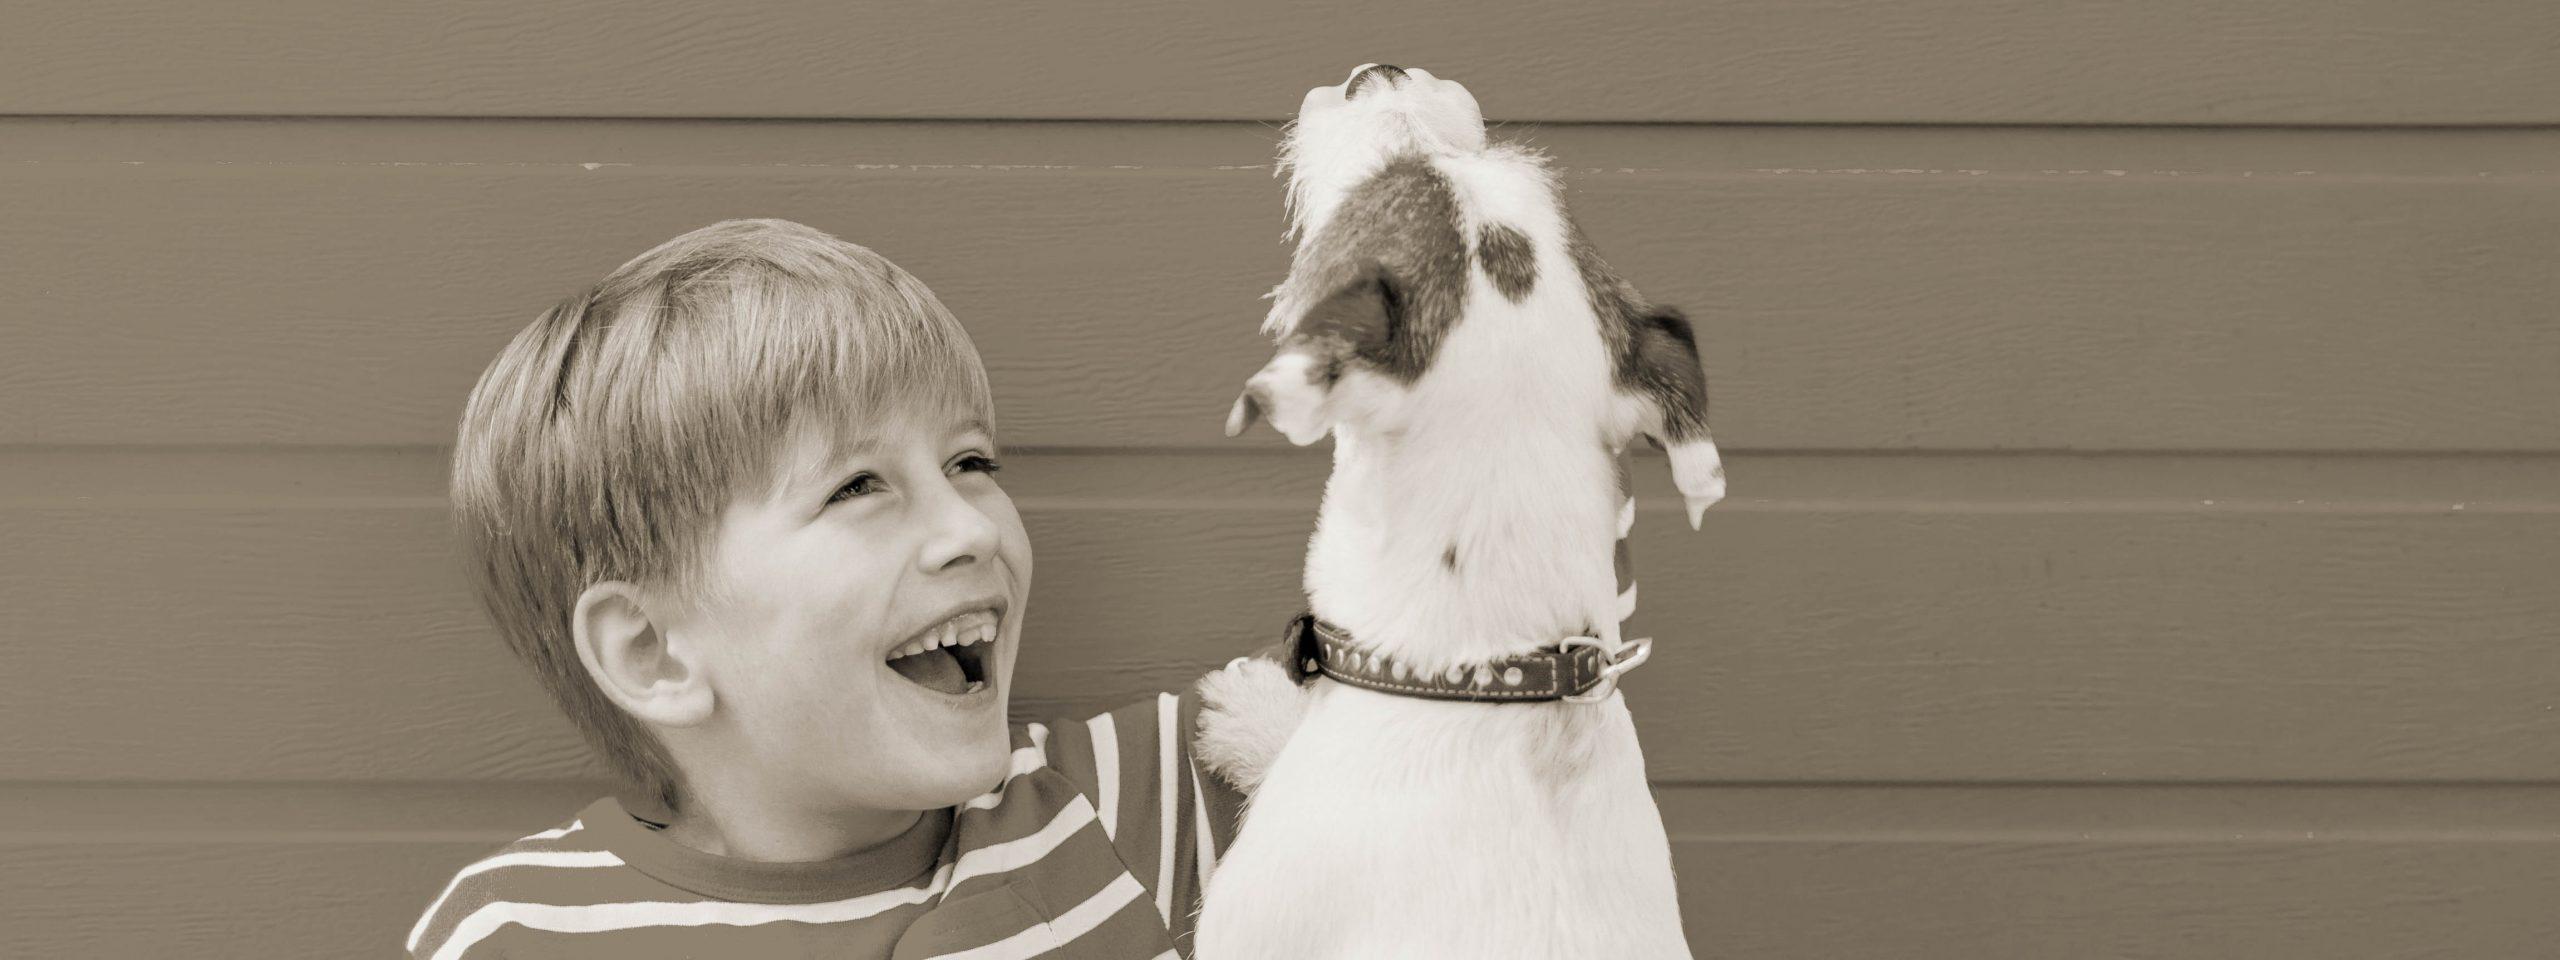 Ein Junge spielt ausgelassen mit einem Terrier